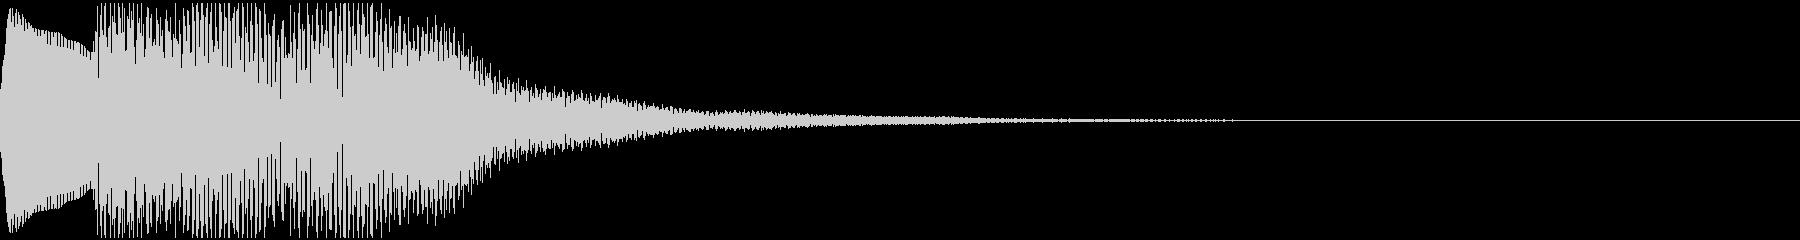 ピポピポン(元気なチャイム音)の未再生の波形